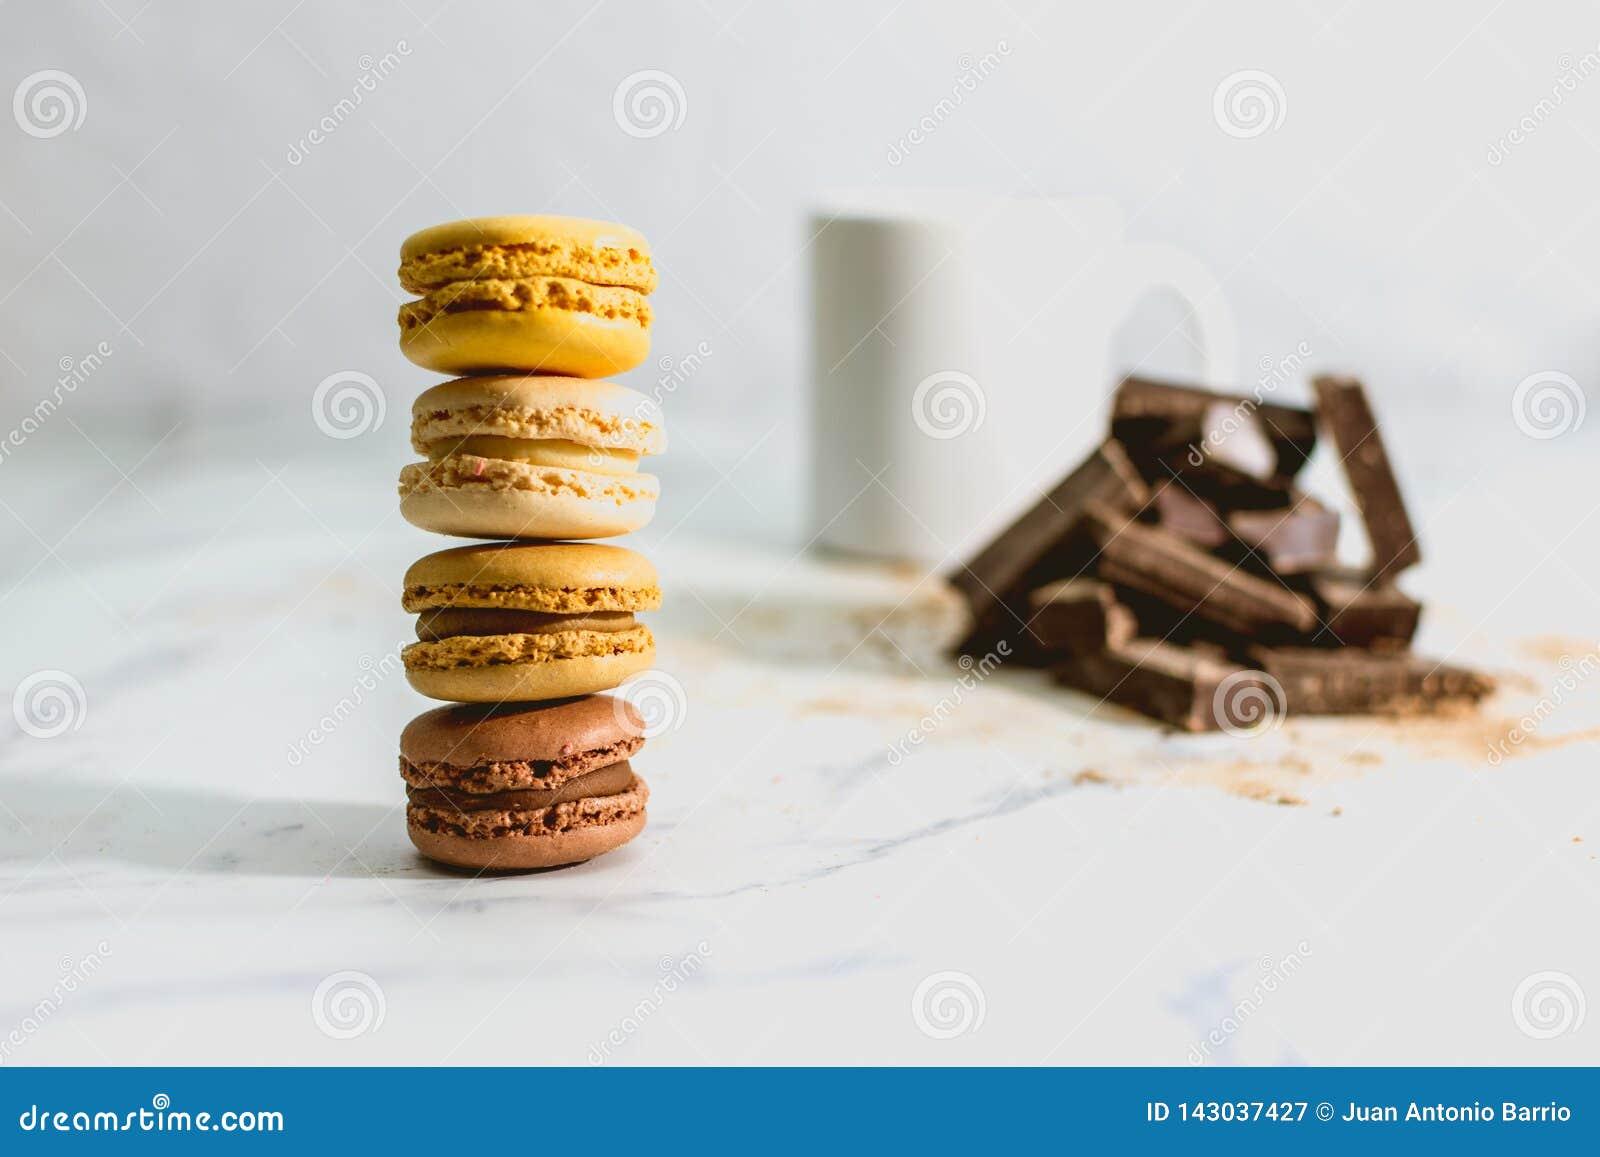 Smakelijke zoete macarons met kop van koffie op achtergrond